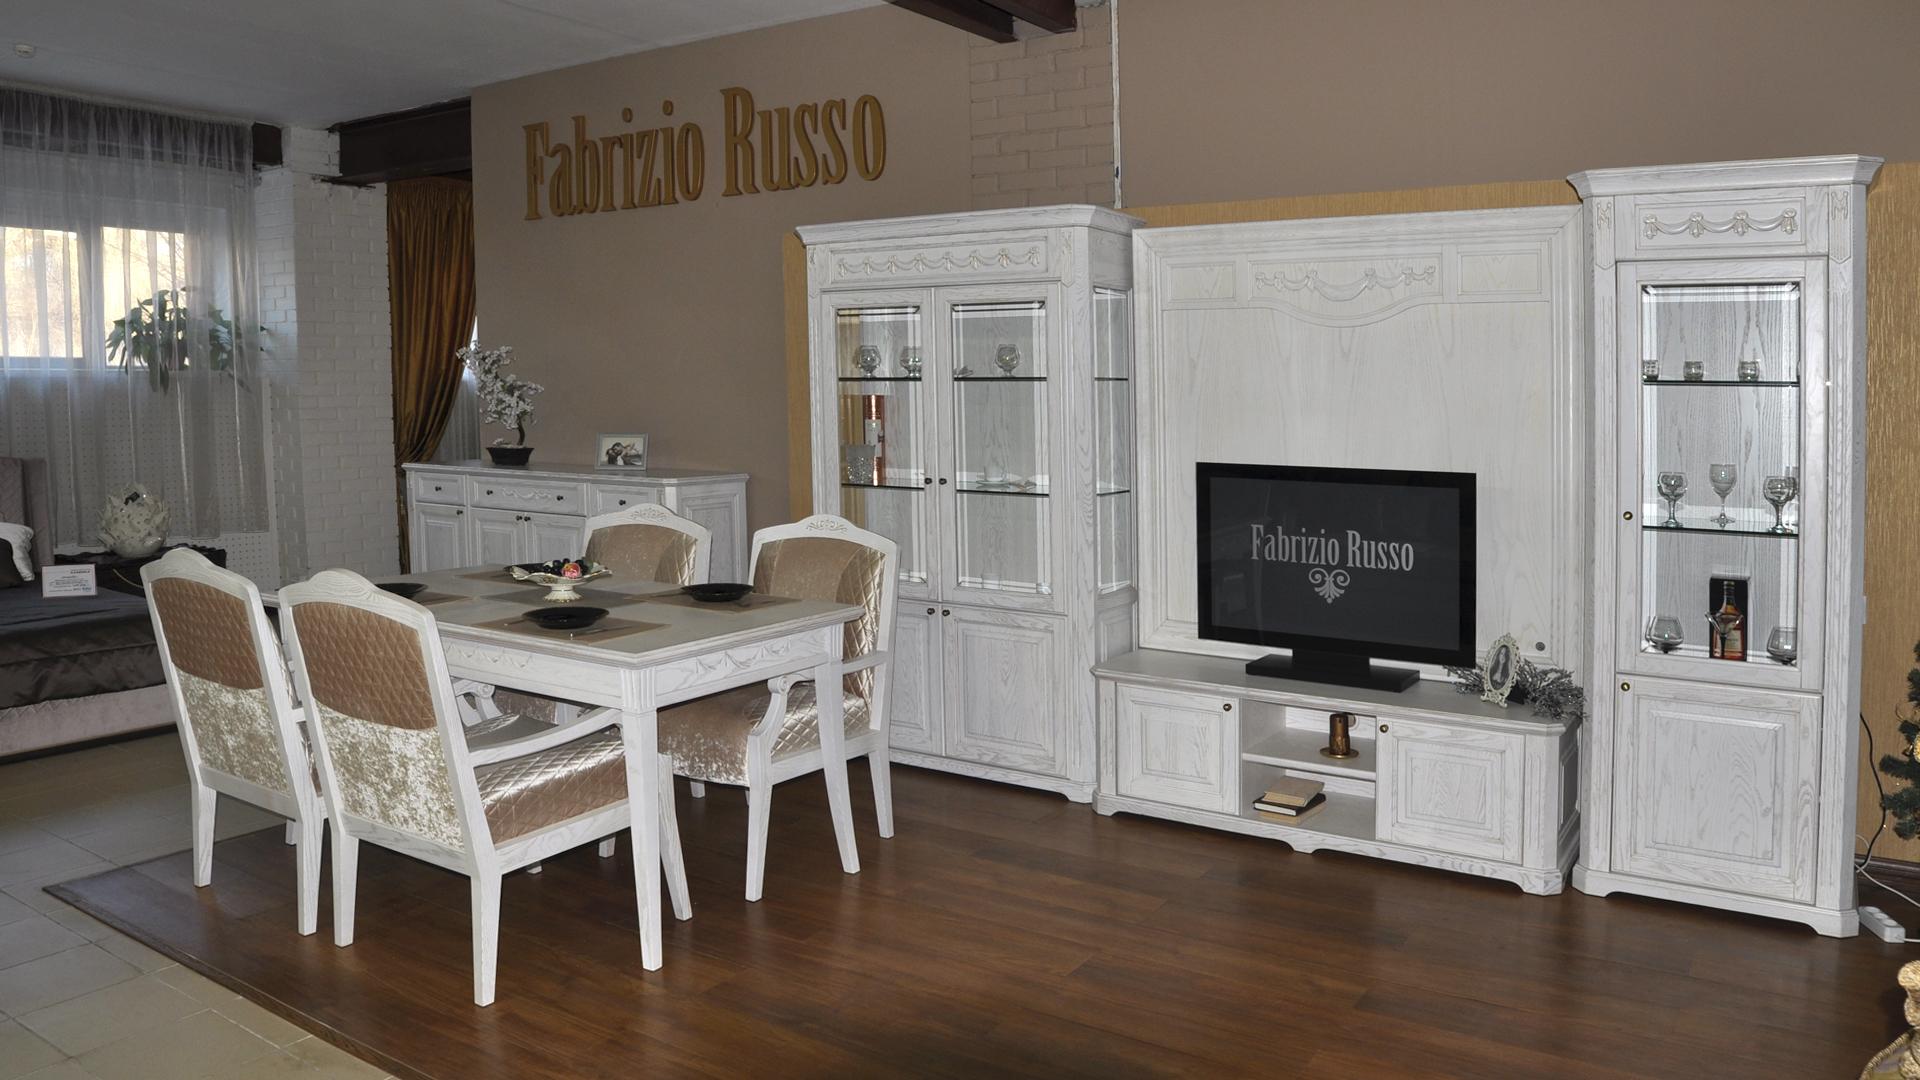 Мебель из массива fabrizio russo пользуется большой популярностью среди ценителей классического стиля и натуральных